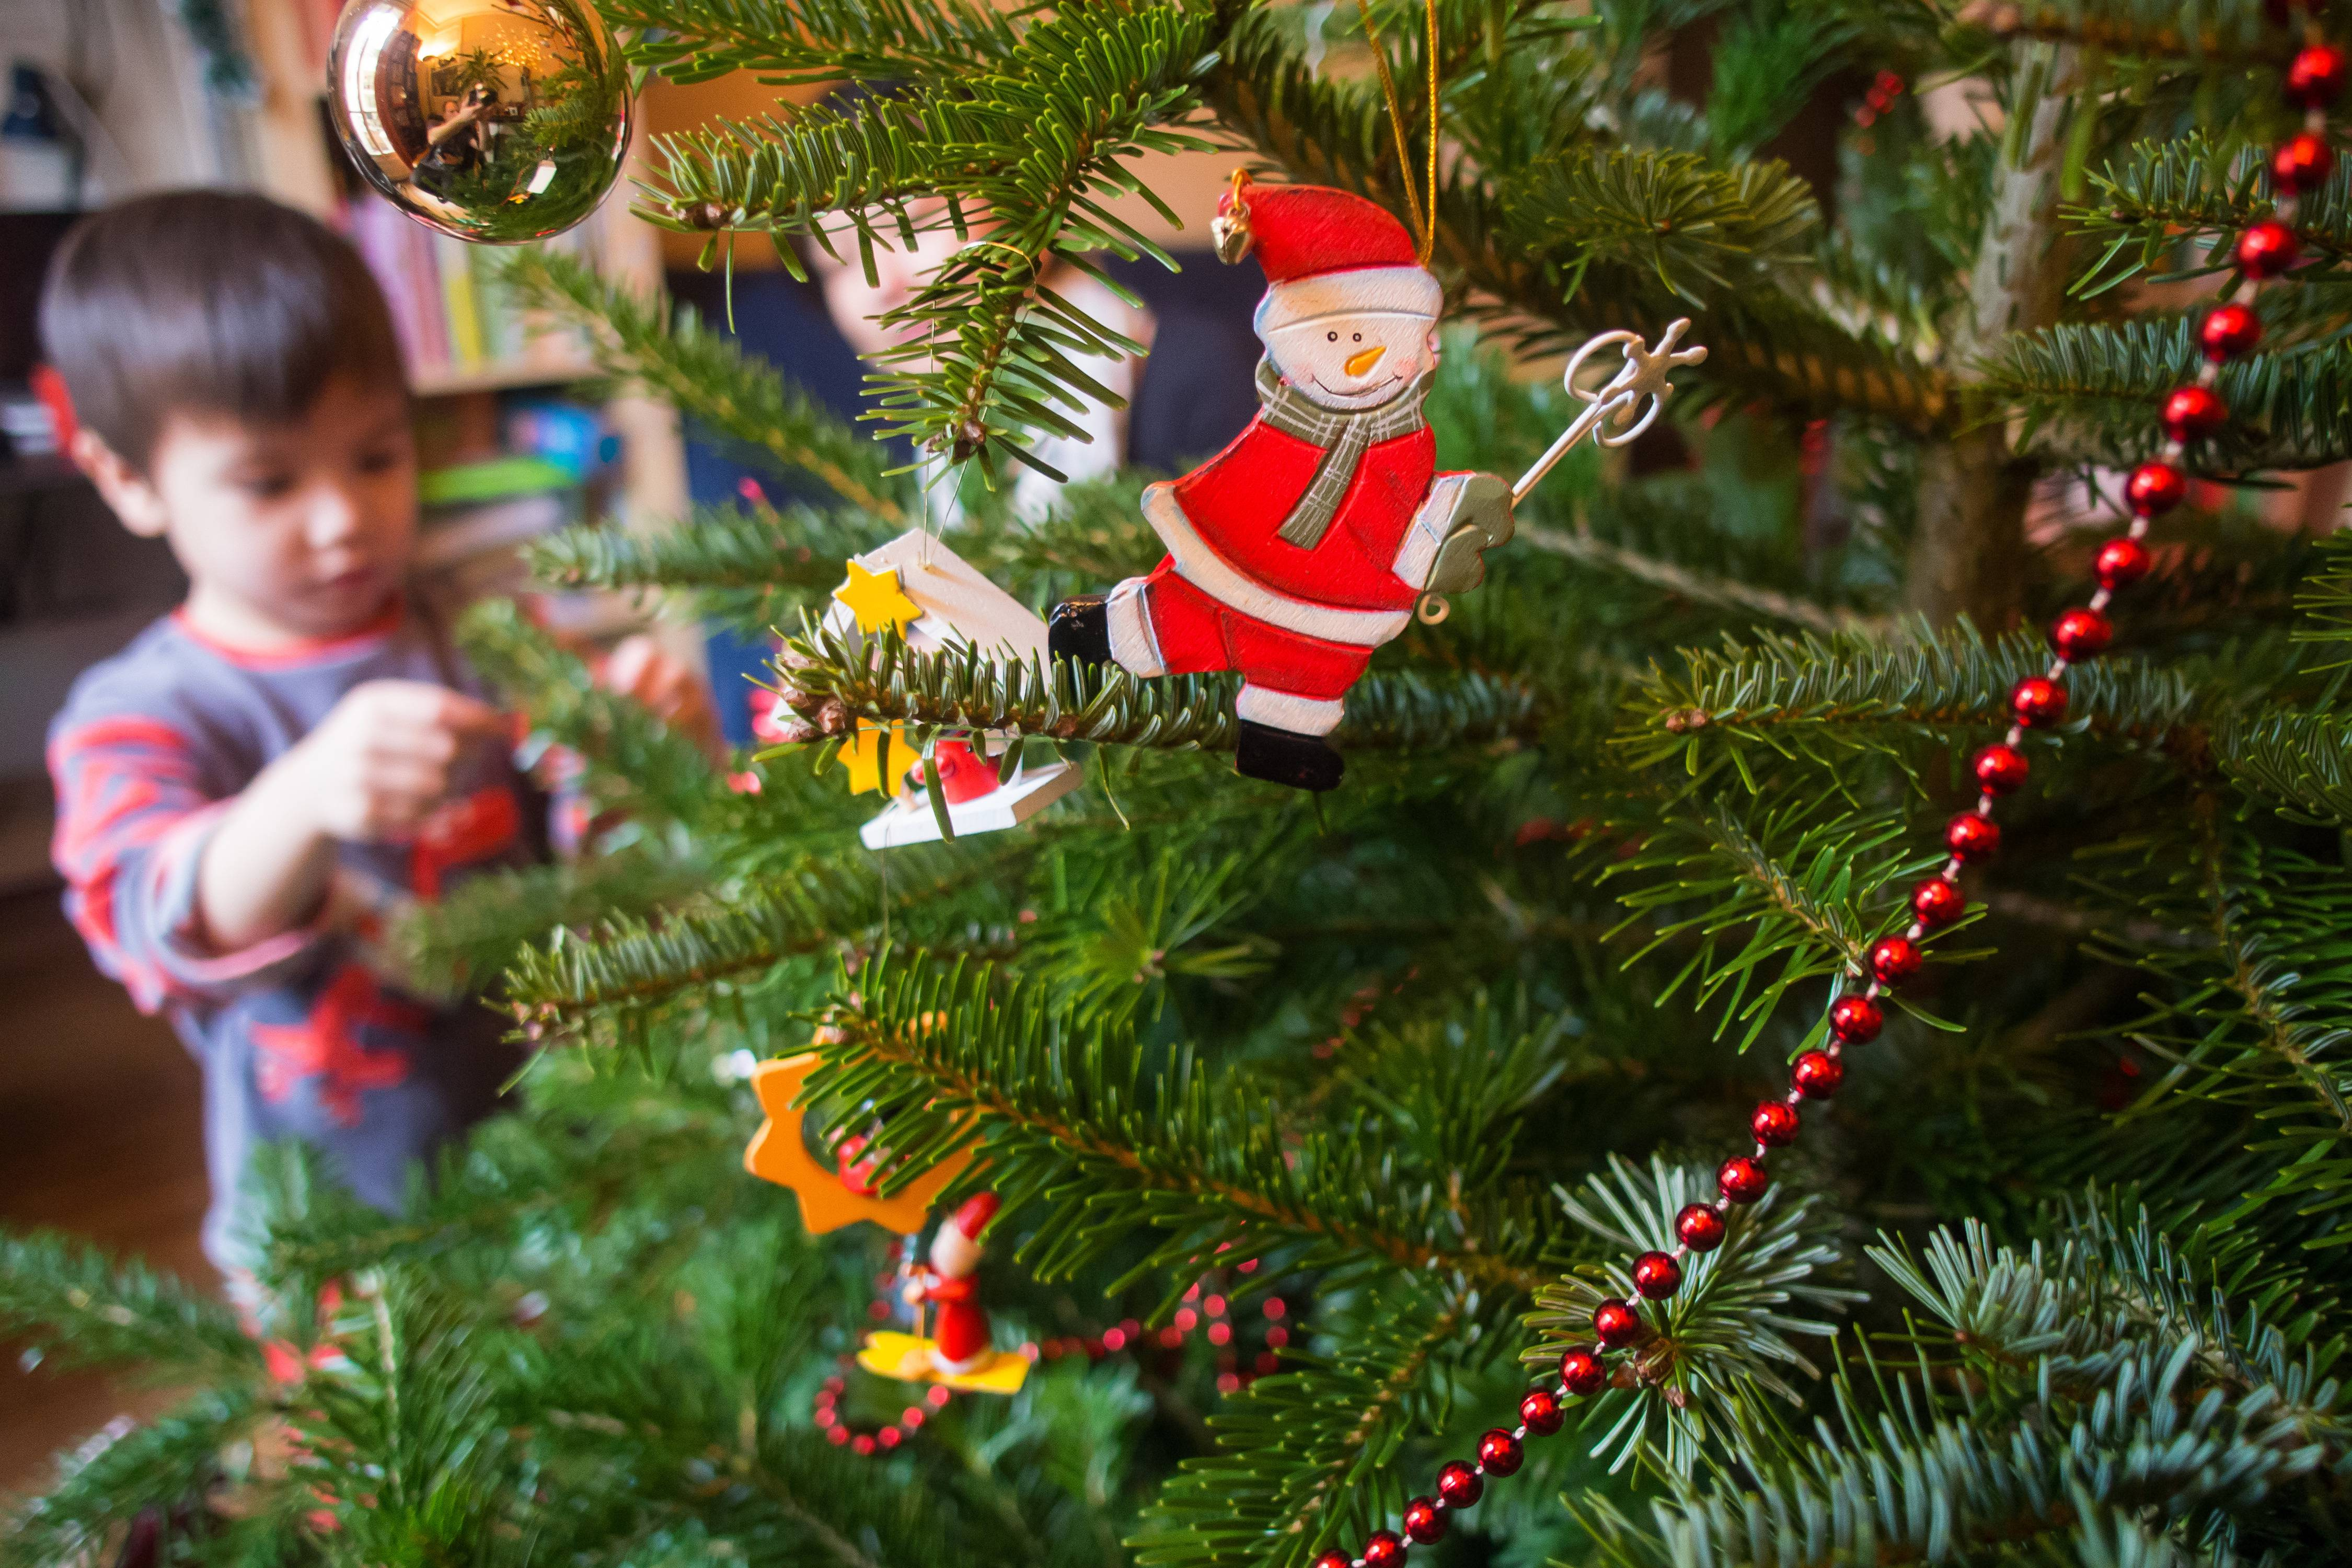 Albero Di Natale Quando Si Fa.Quando Bisogna Fare L Albero Di Natale